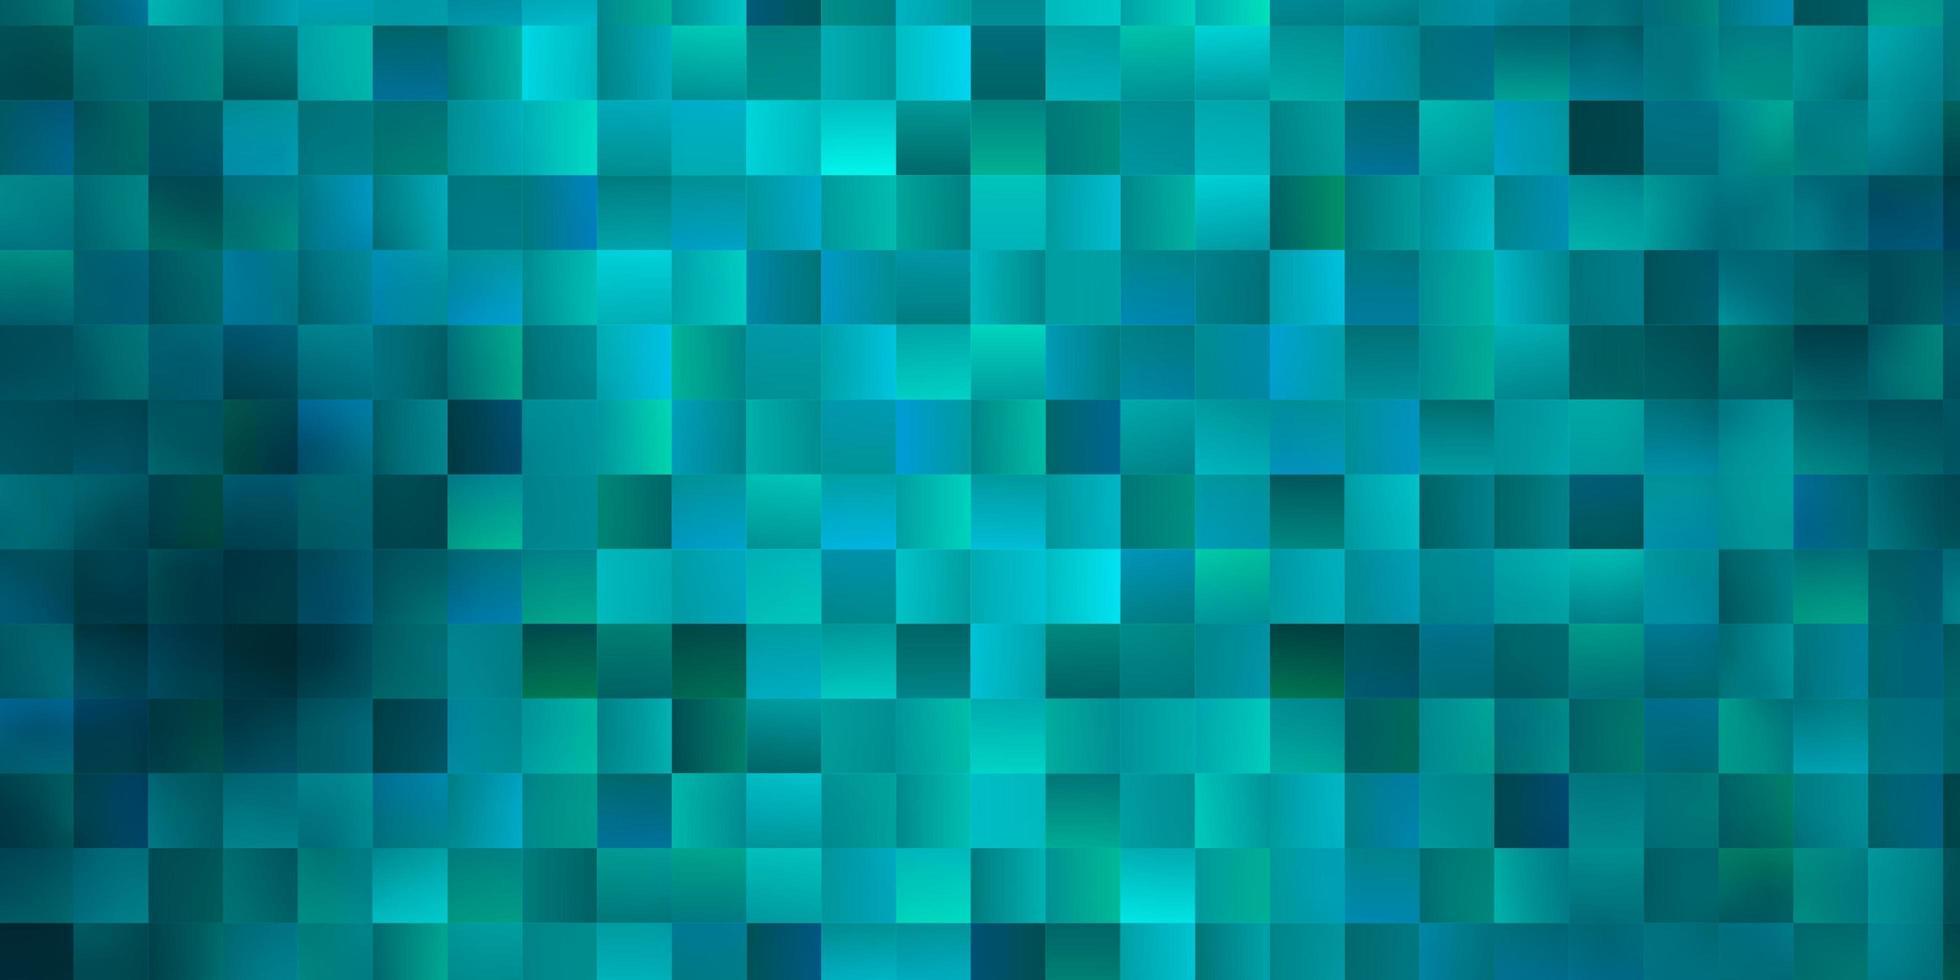 lichtgroene sjabloon met rechthoeken. vector